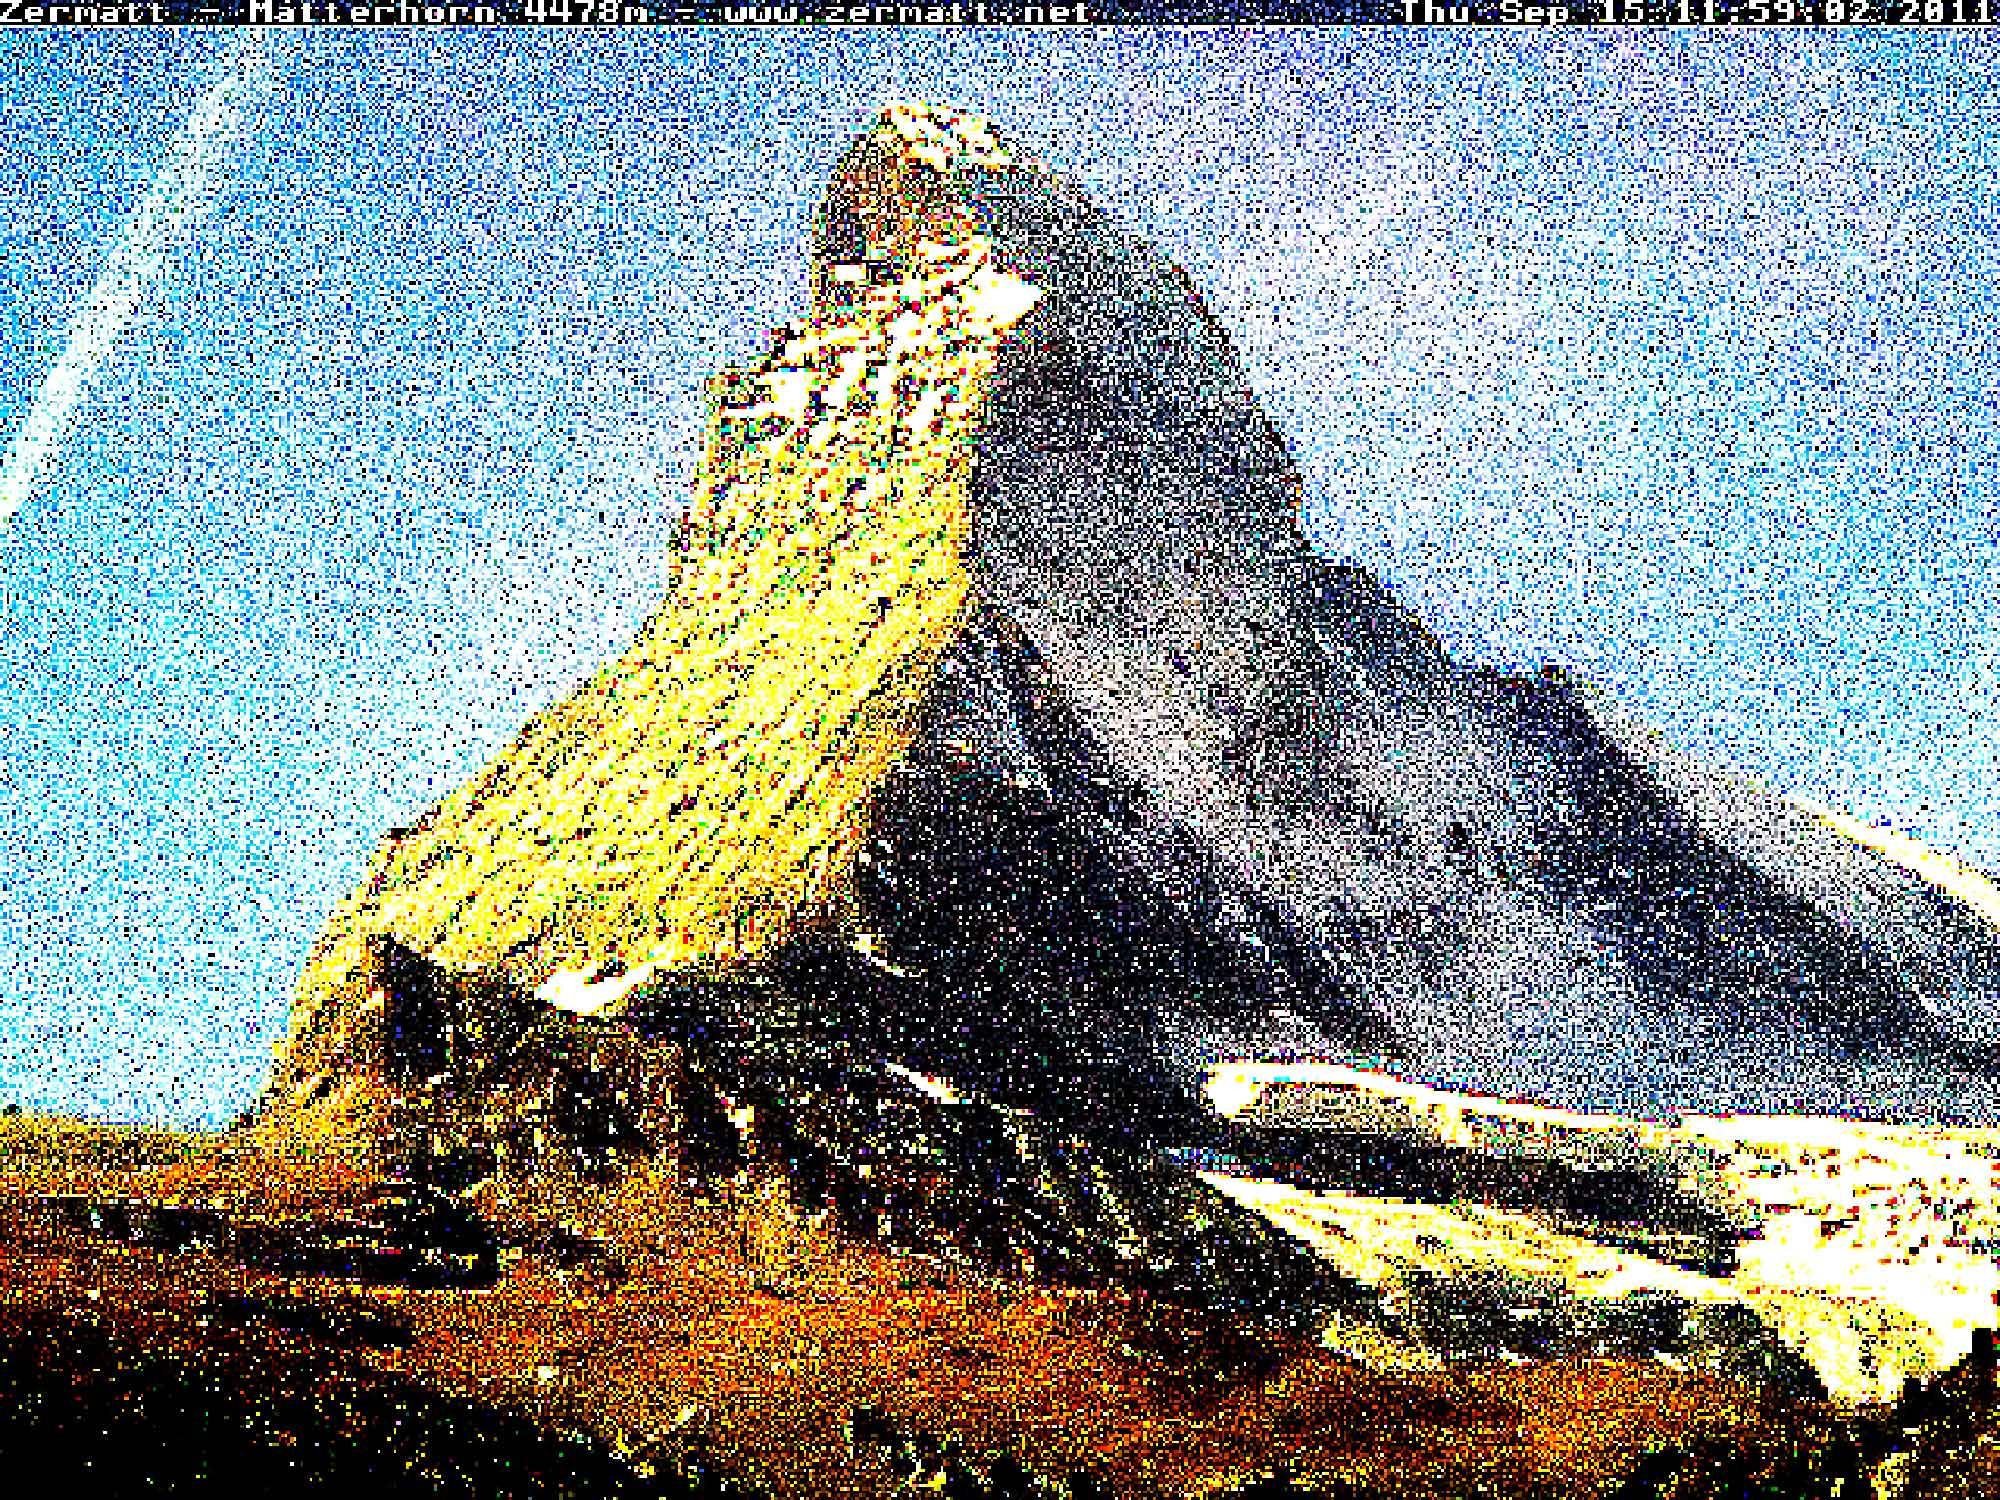 #0624 Matterhorn 2011 09 15